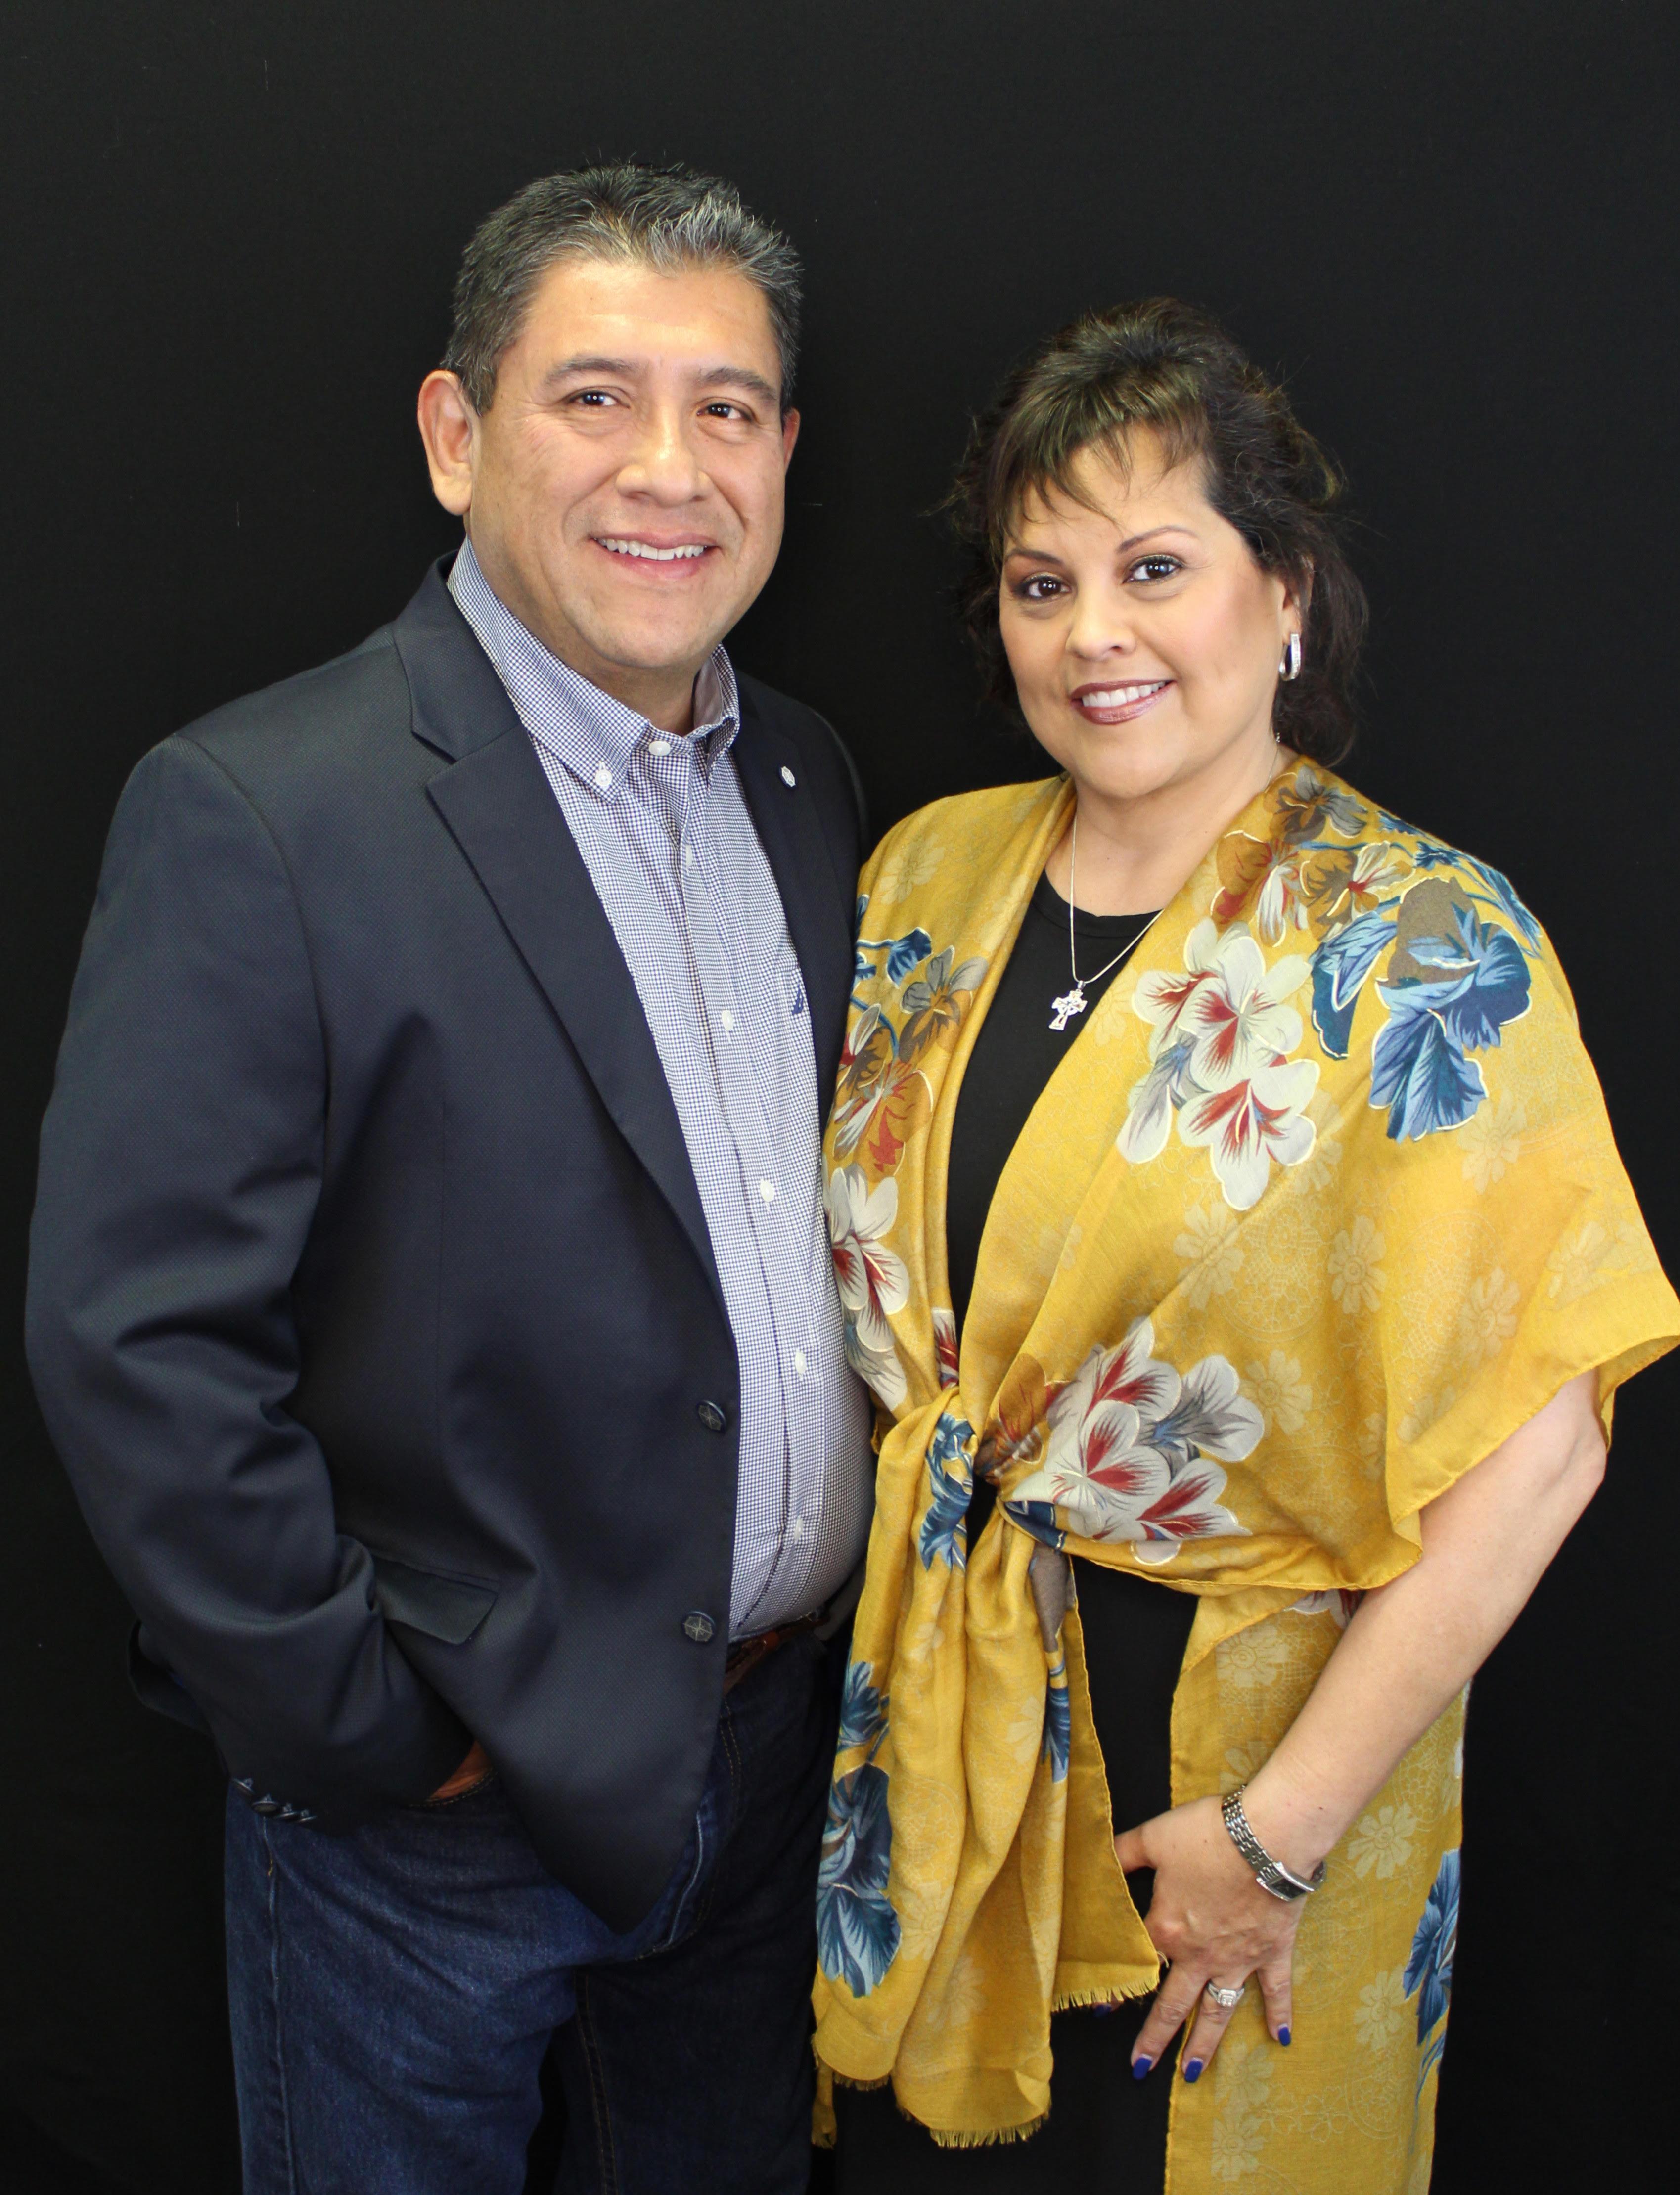 Araceli & Joe Serrano-Piche